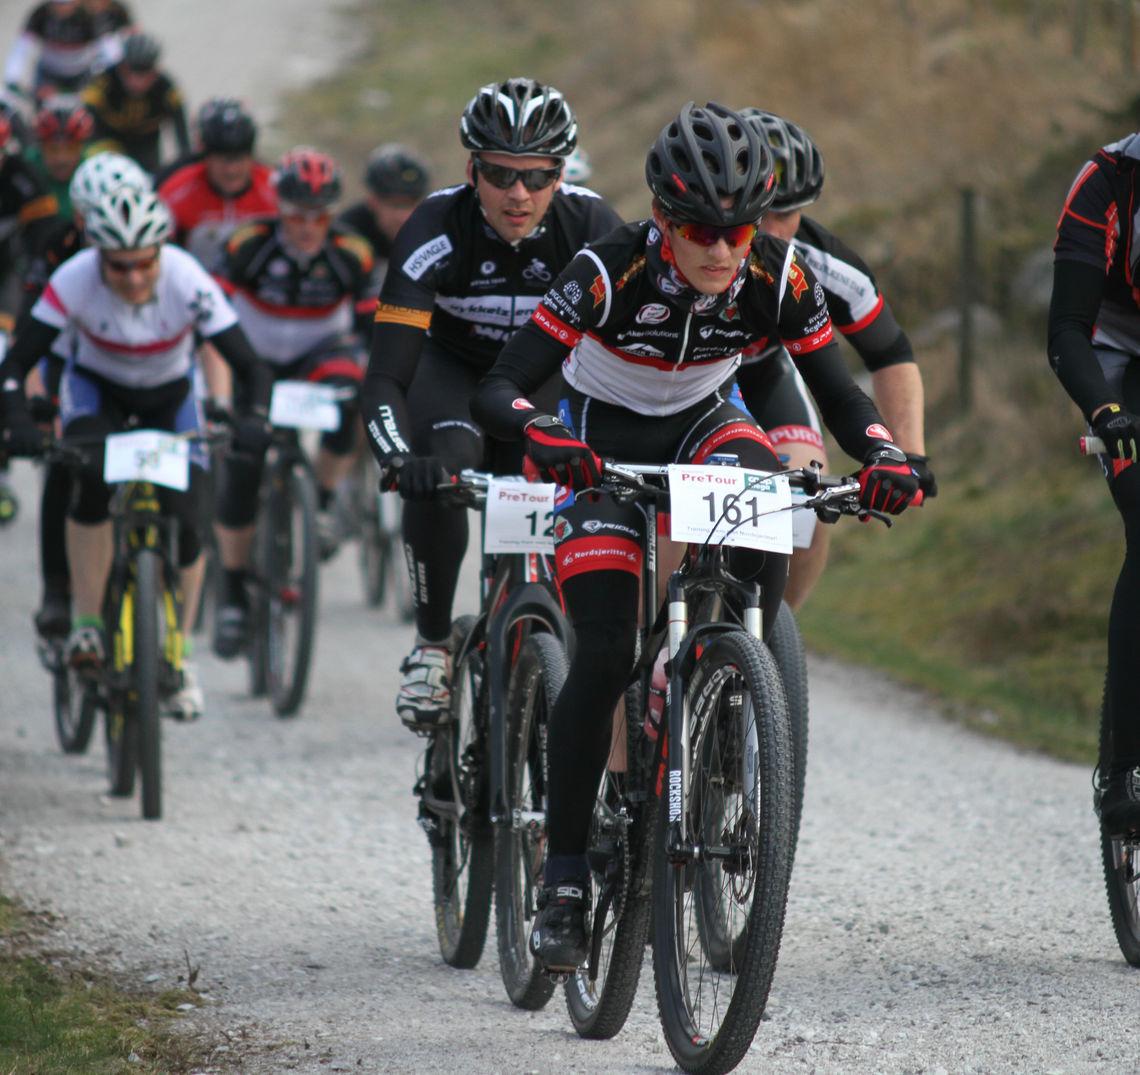 Kjell I Sandsmark fra Dalane SK sykler et bra ritt.   Foto: Thomas Hetland.